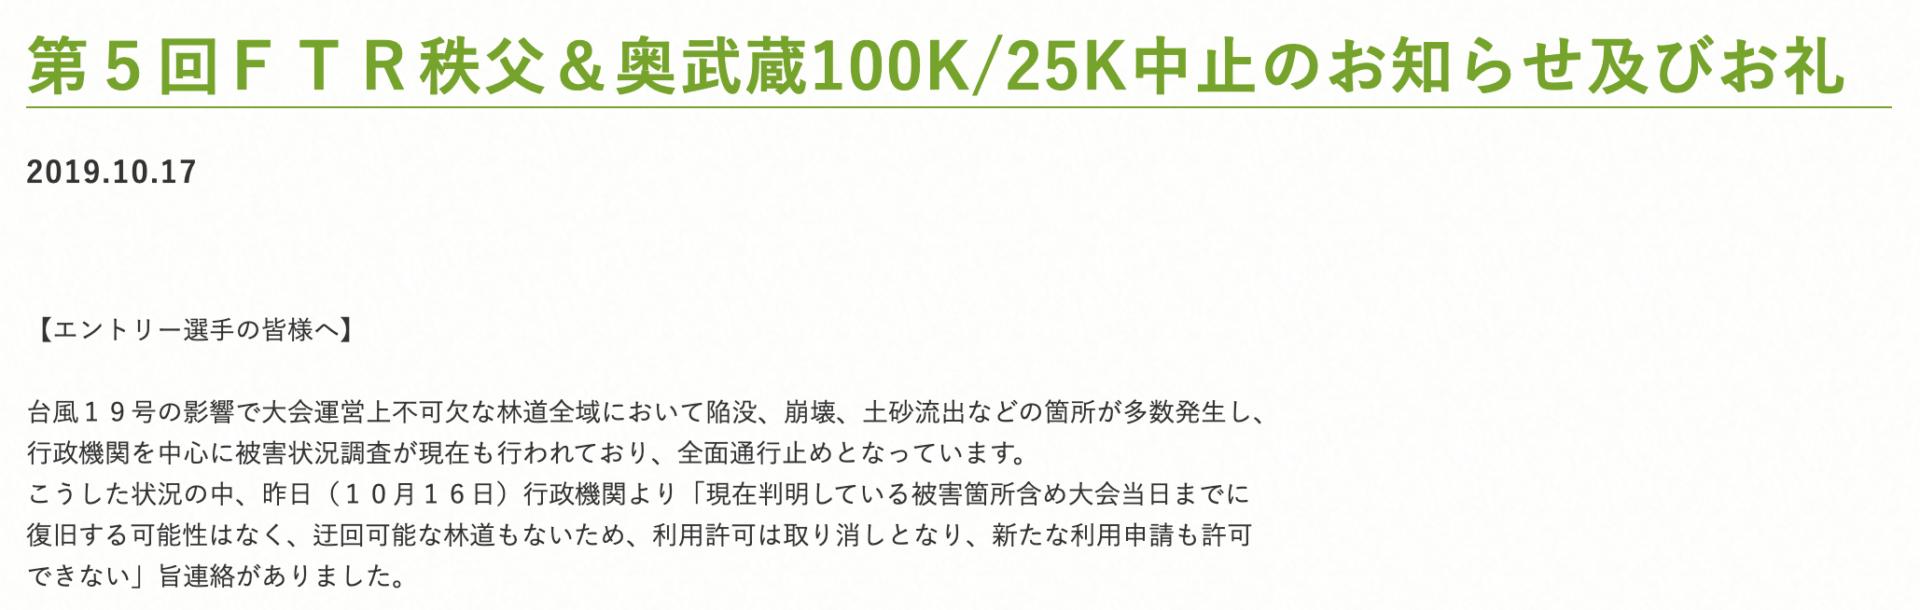 第5回FTR秩父&奥武蔵100K/25K中止のお知らせ